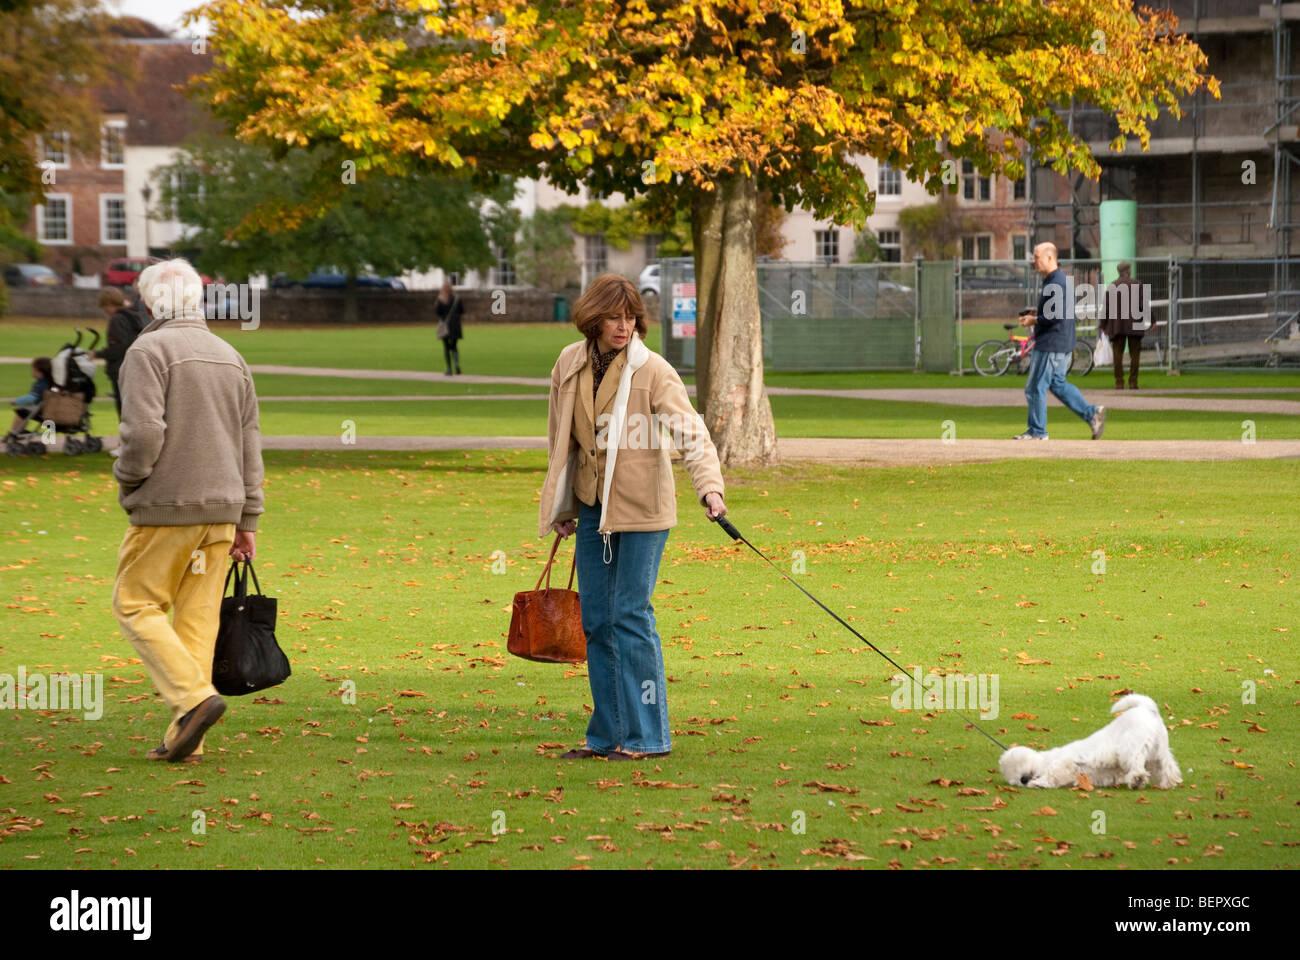 Coppia di mezza età a piedi un cane su un lungo filo nella cattedrale vicino a Salisbury Immagini Stock